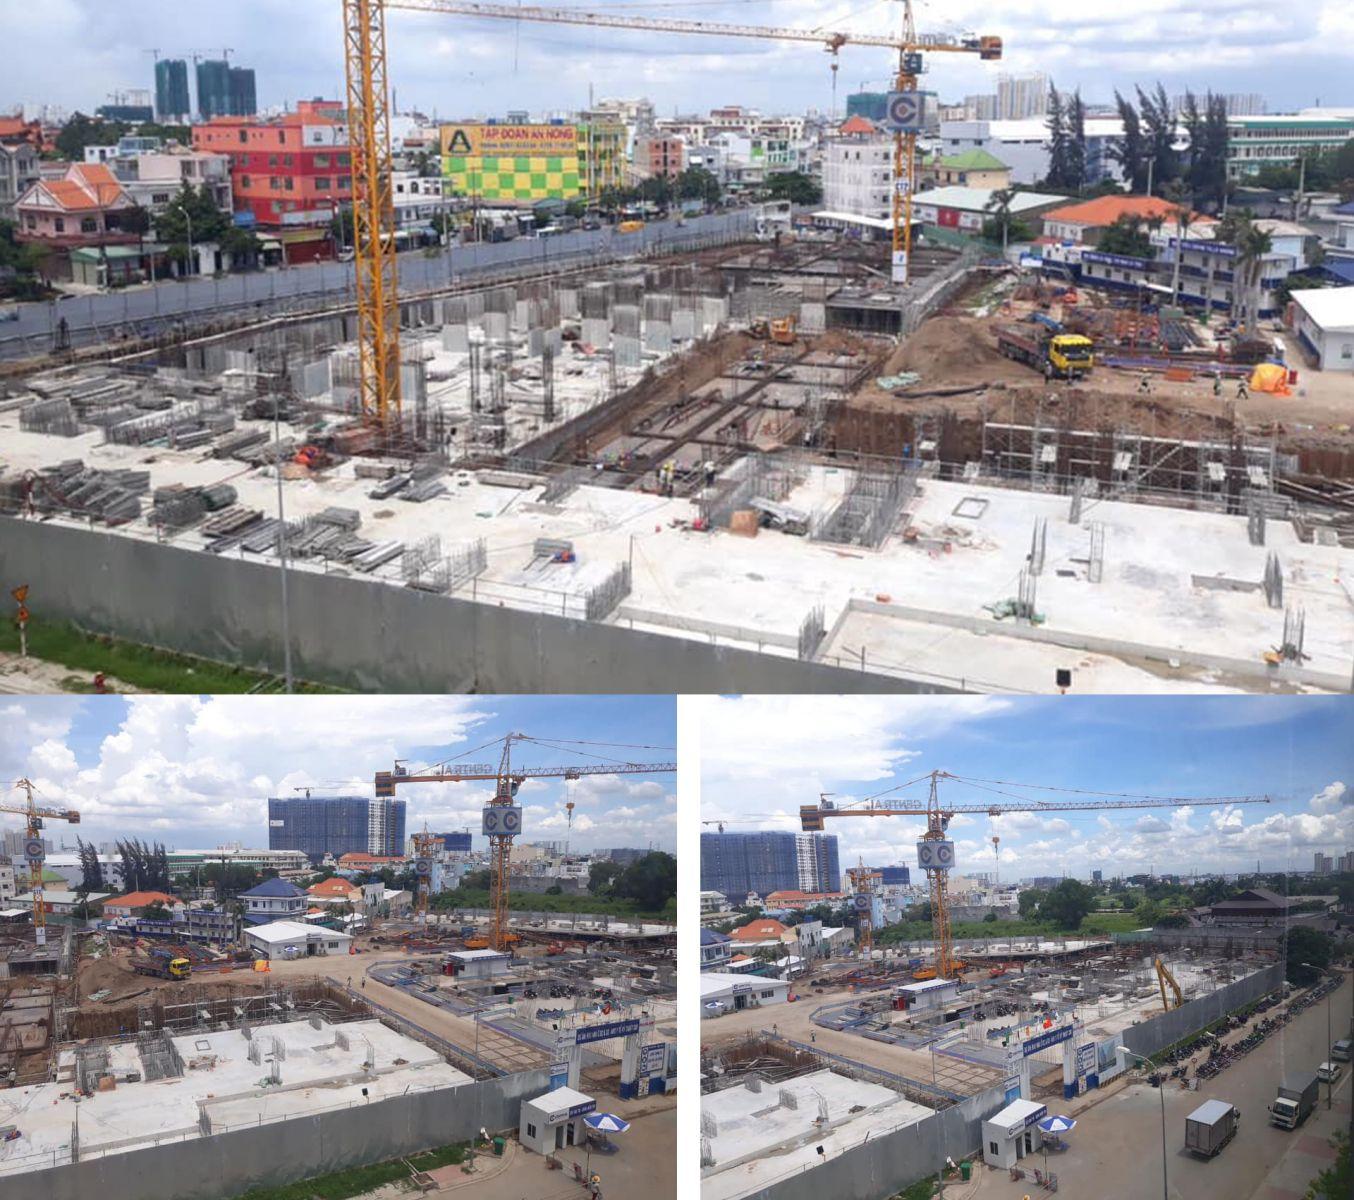 tiến độ xây dựng căn hộ Aio city bình tân thánh 8 năm 2019